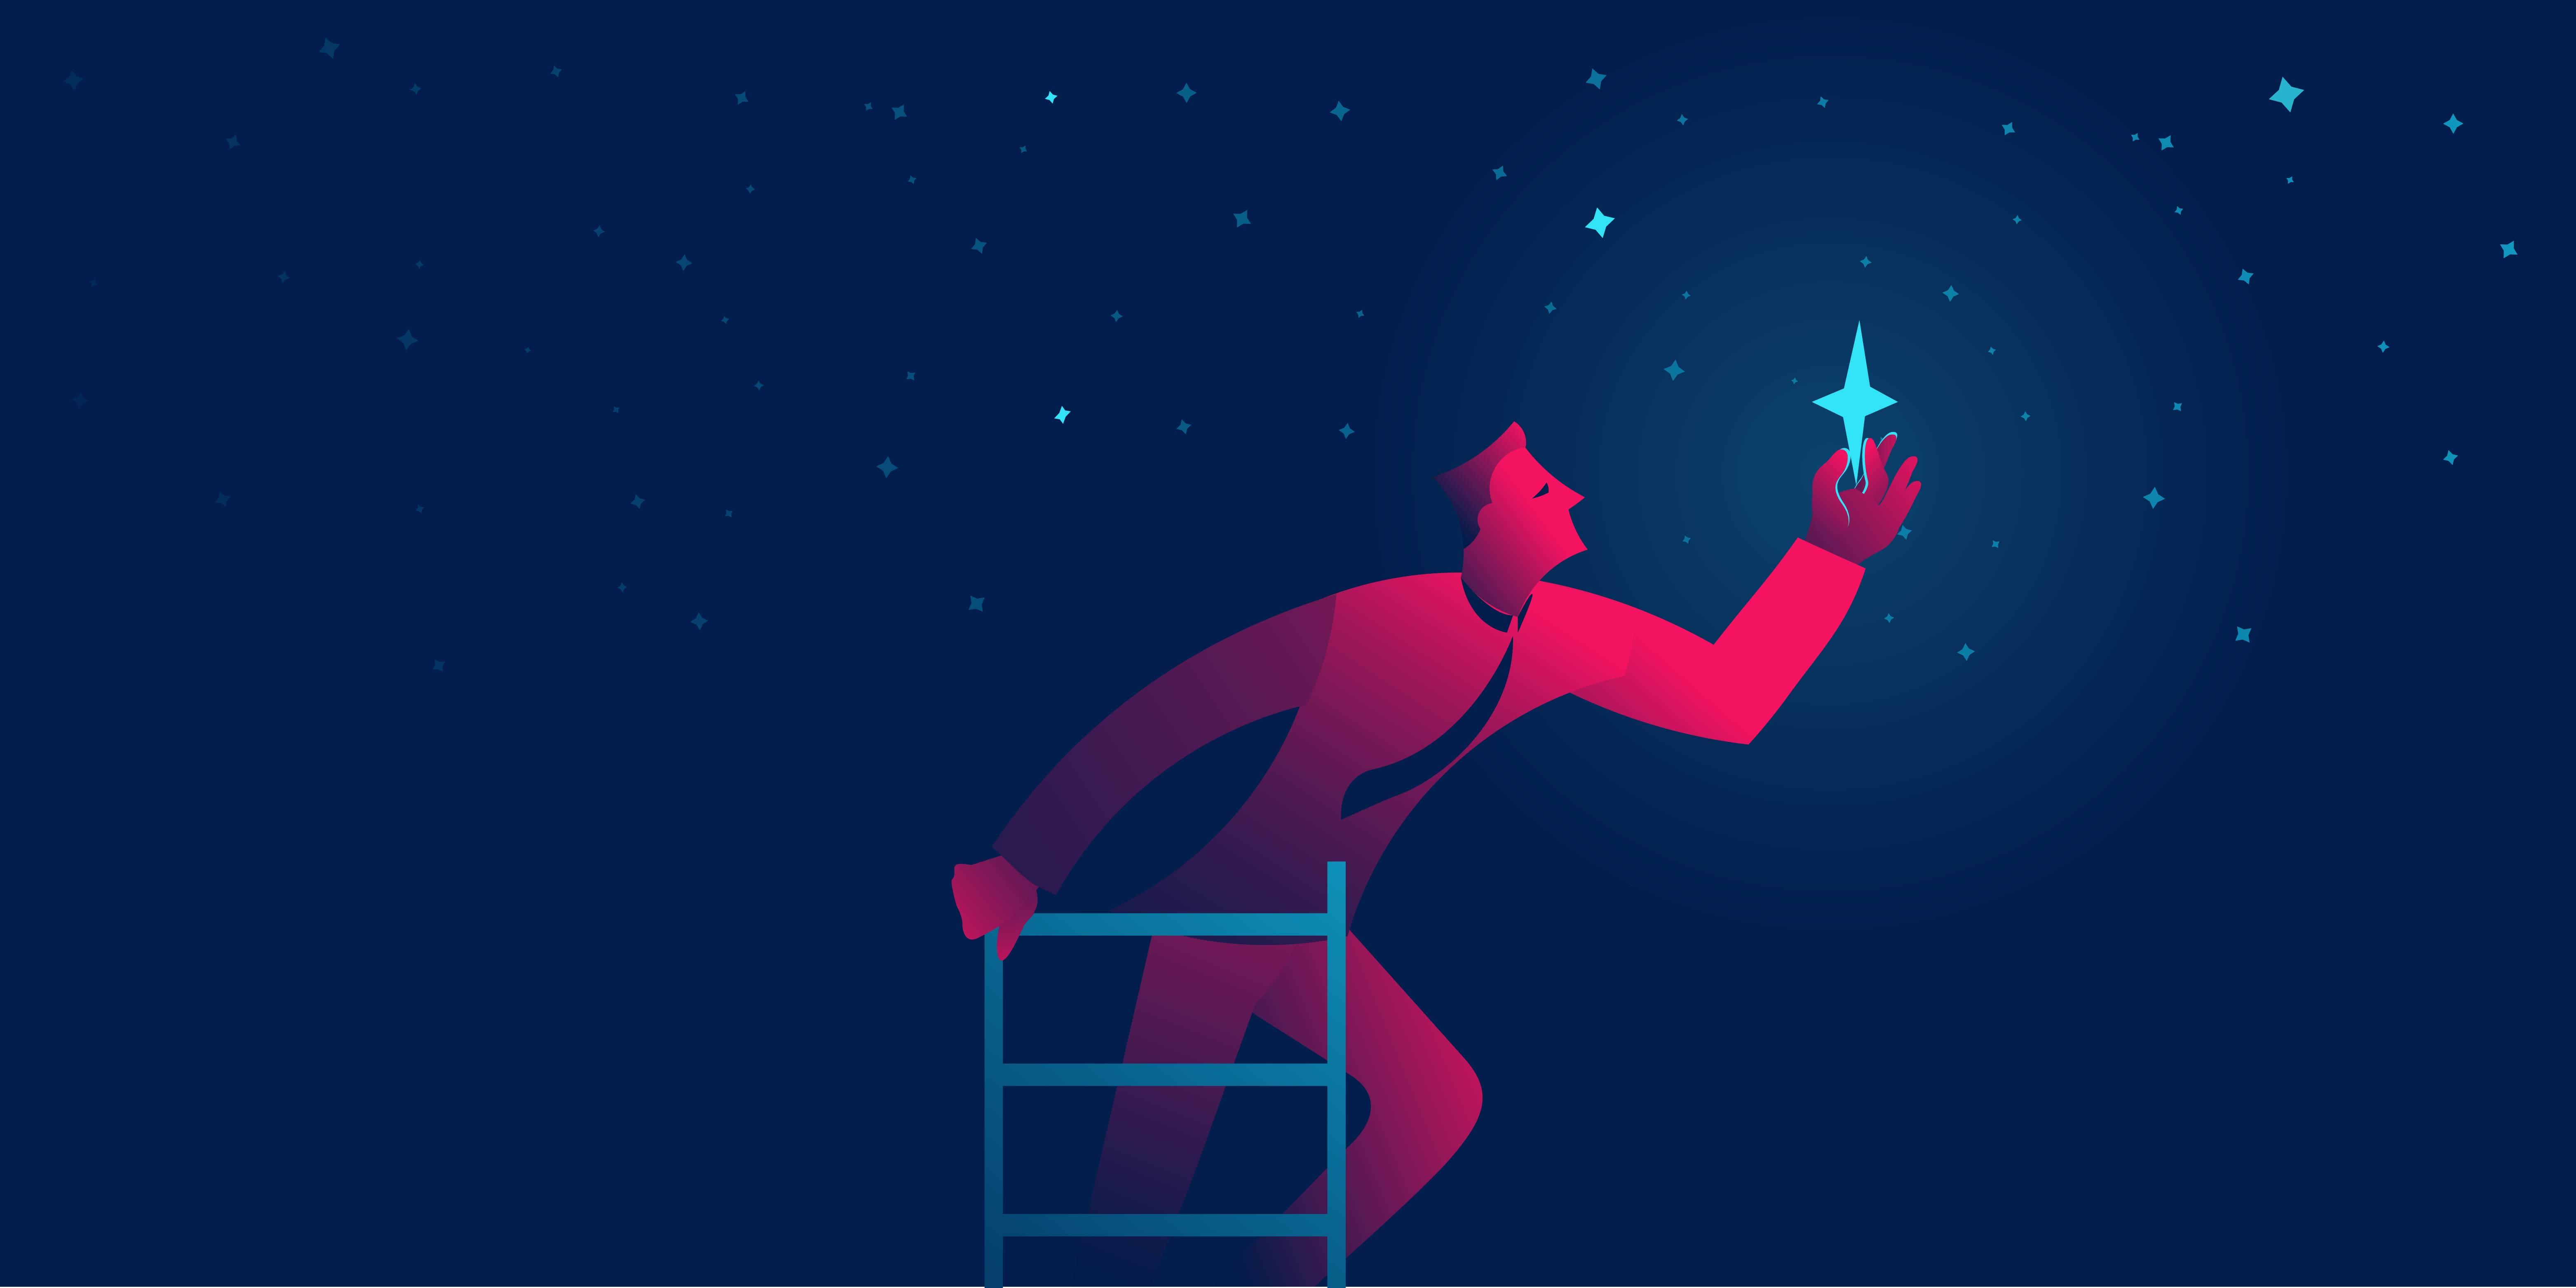 איש על סולם מחזיק כוכב משהמיים